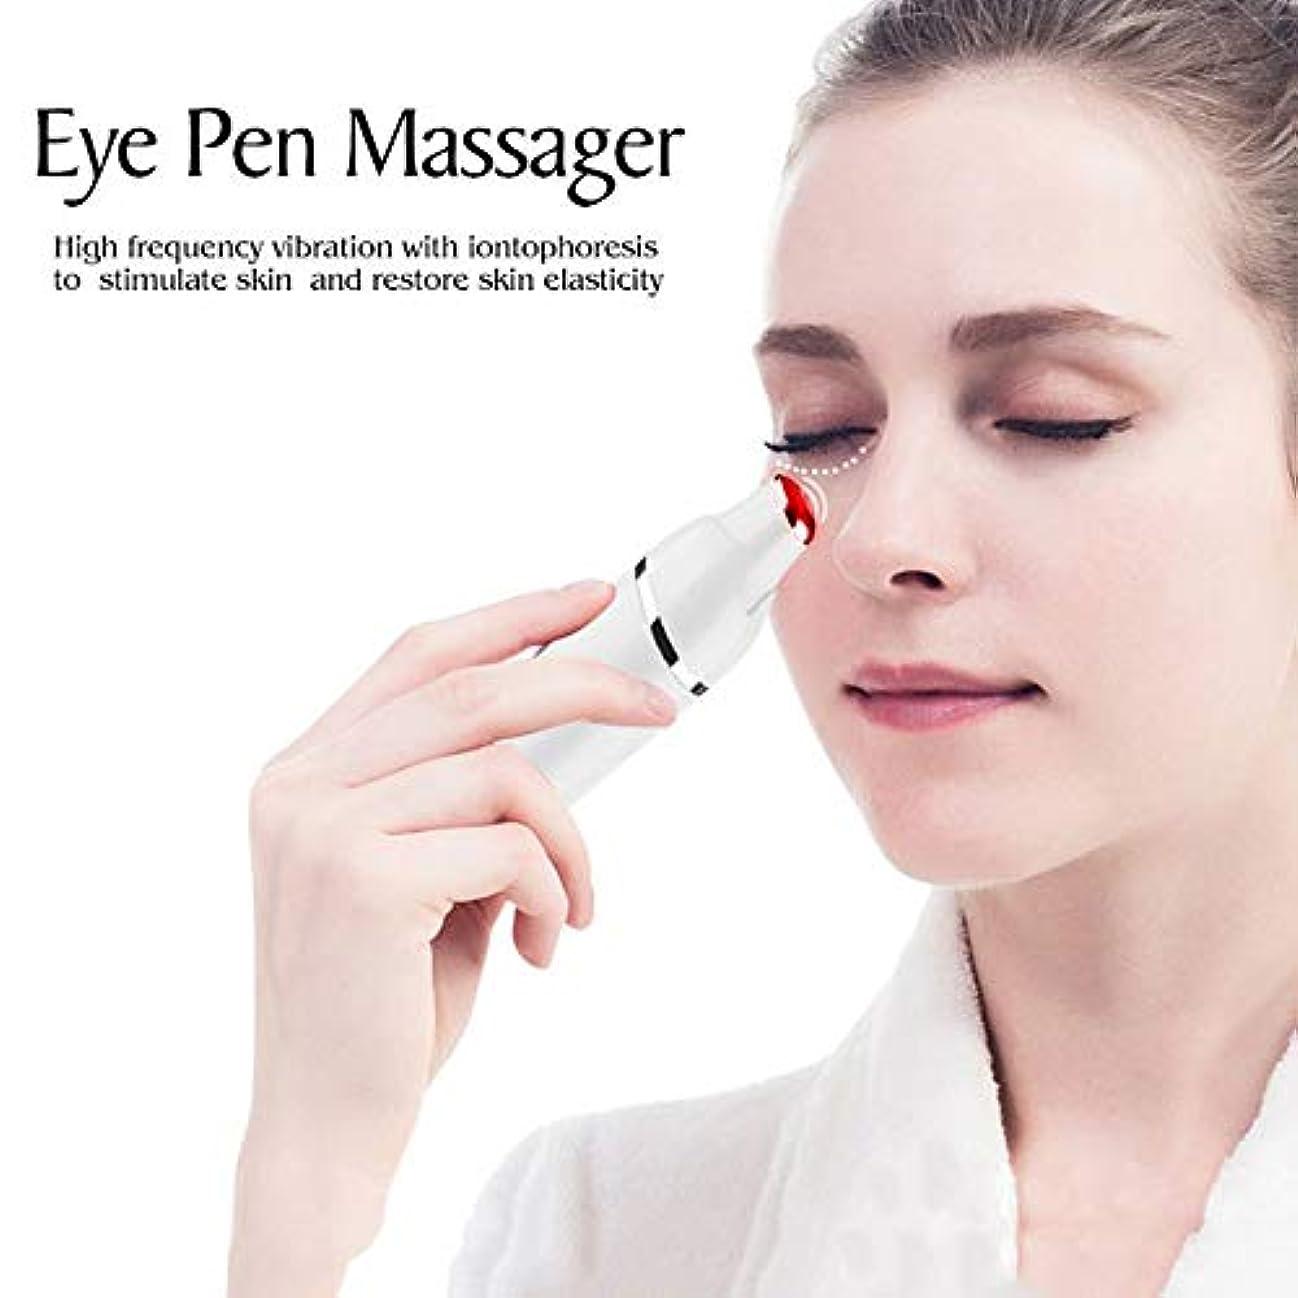 返還きらきらマキシムソニックアイマッサージャー、目の疲れのための42℃加熱治療用ワンド、アイクリームを効果的に促進するためのアニオンの輸入